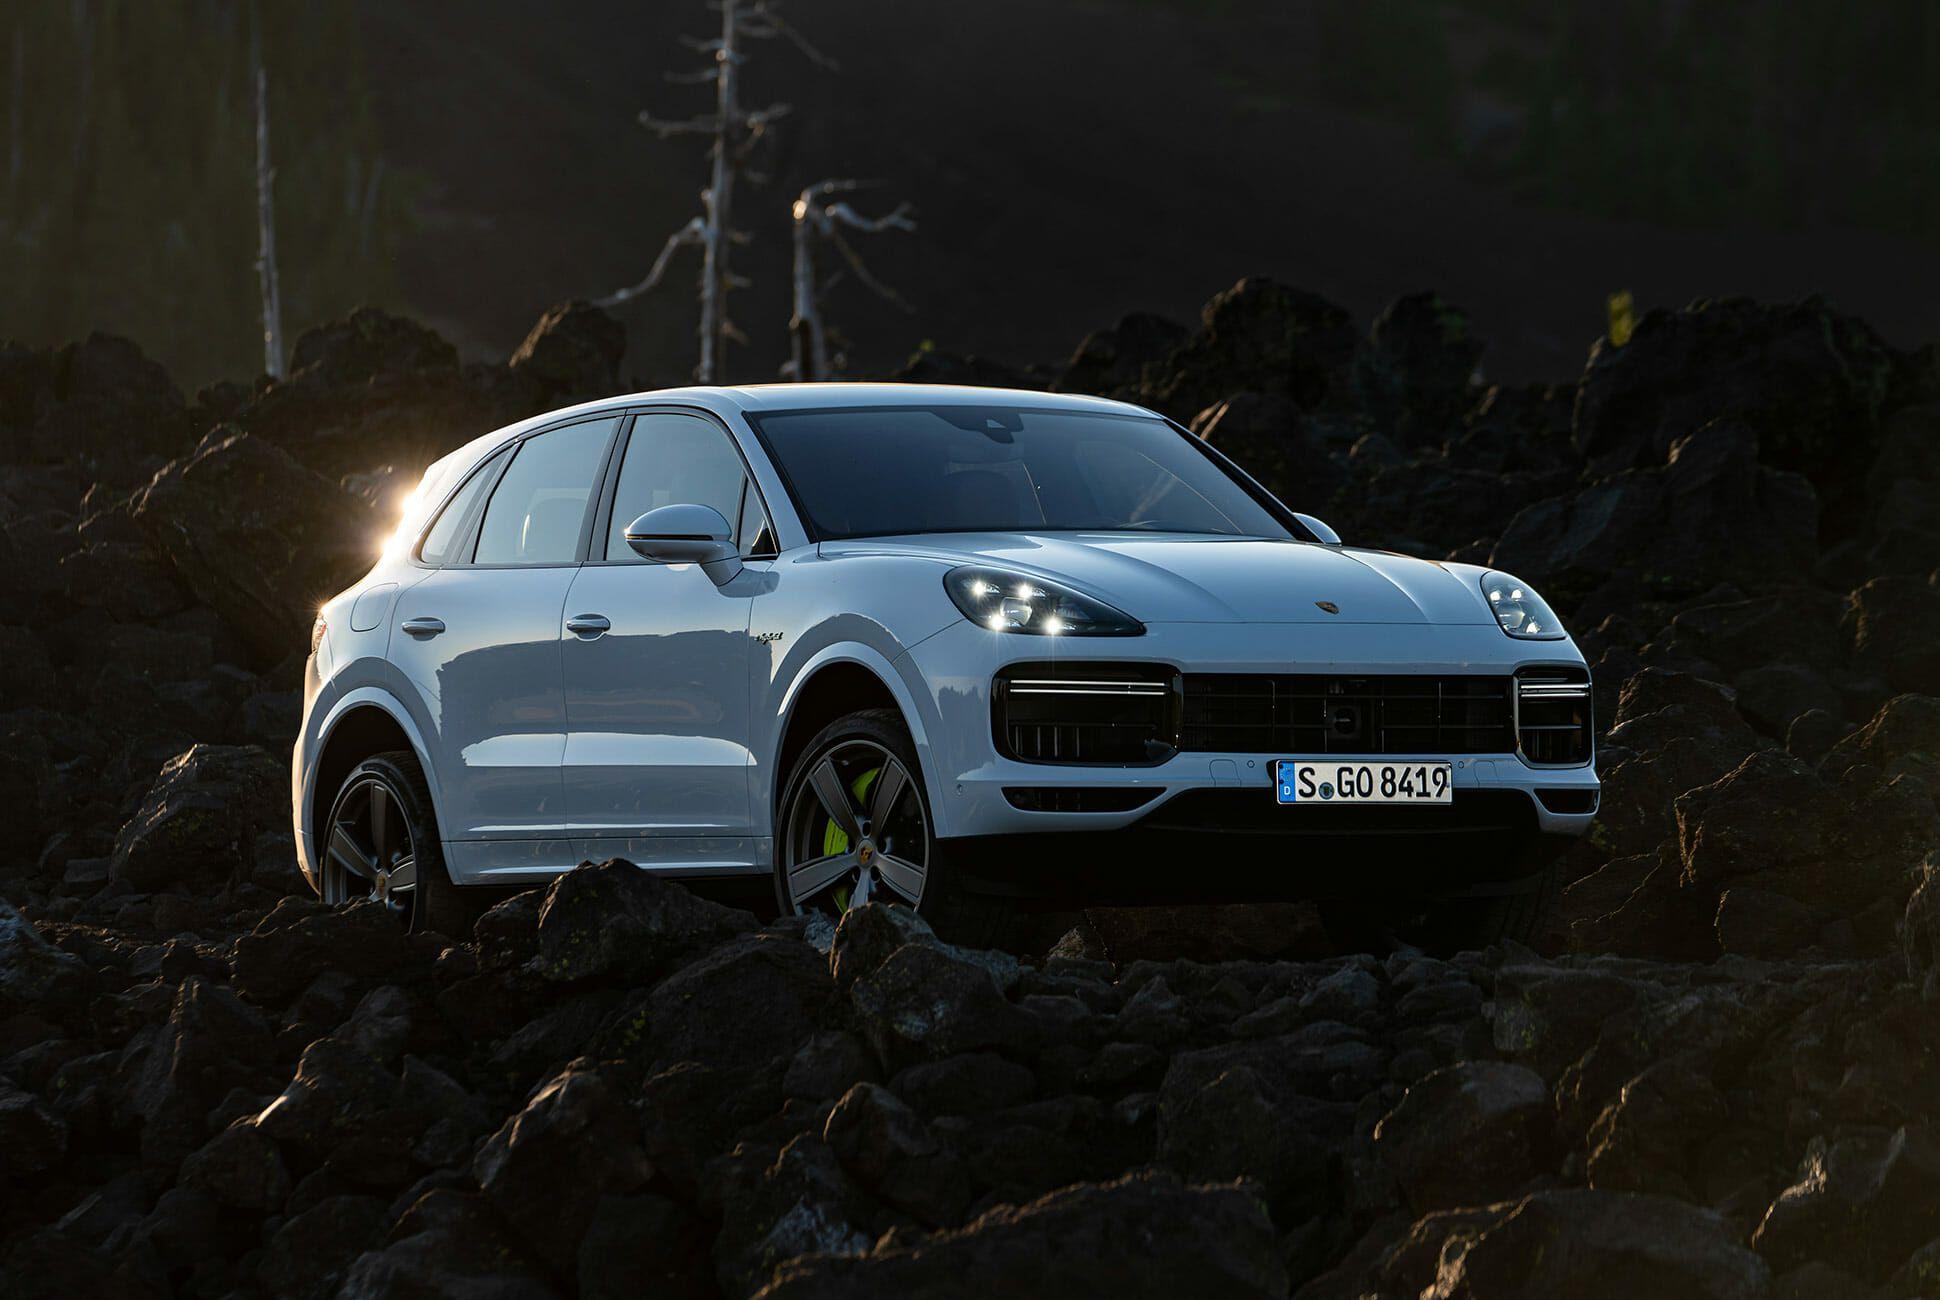 Pair-of-High-Tech-Porsche-Cayenne-Hybrids-gear-patrol-lead-slide-5